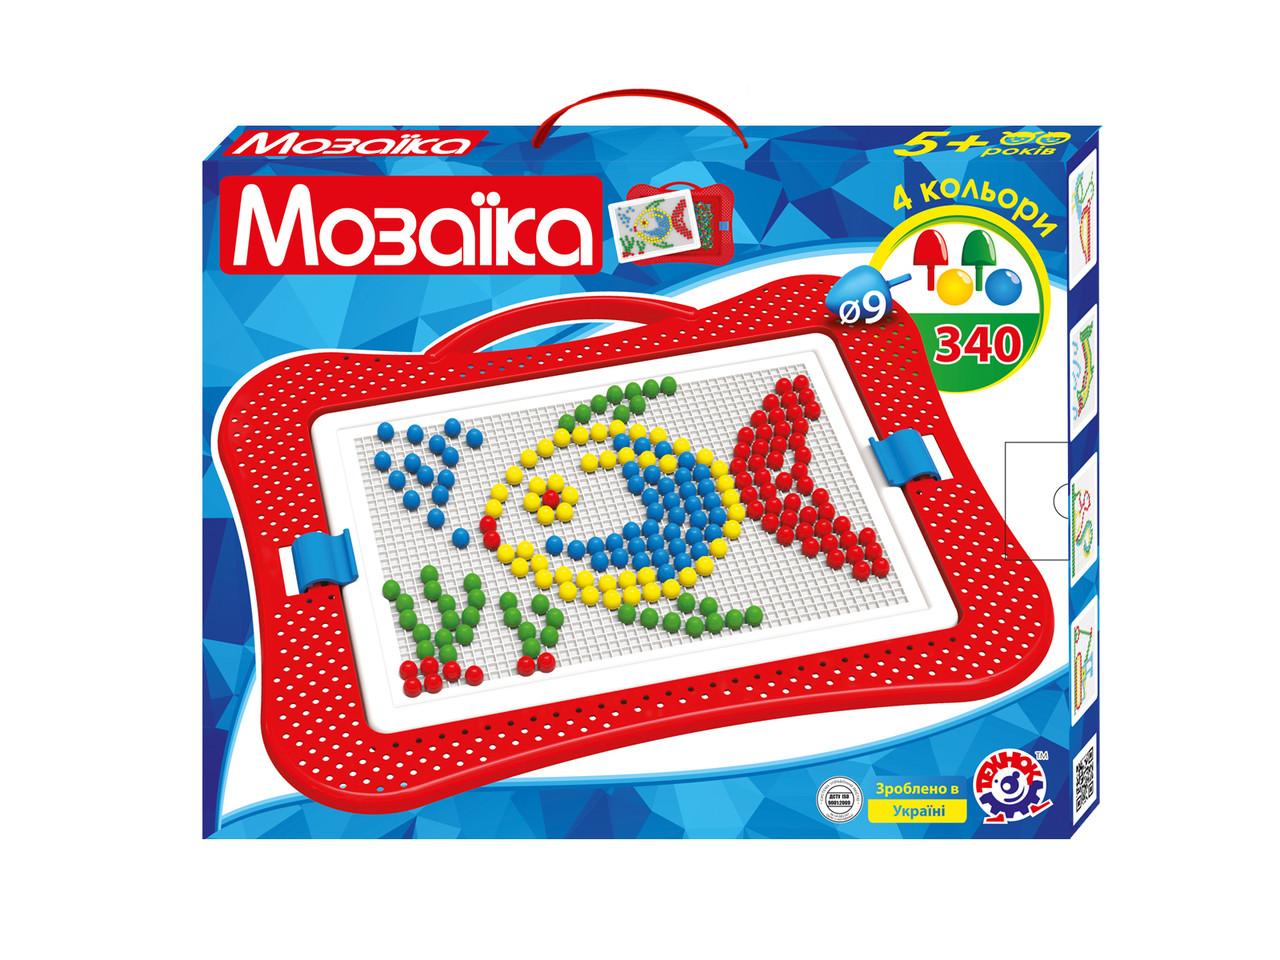 Детская игра мозаика для малышей пластик Технок - Style-Baby детский магазин в Киеве